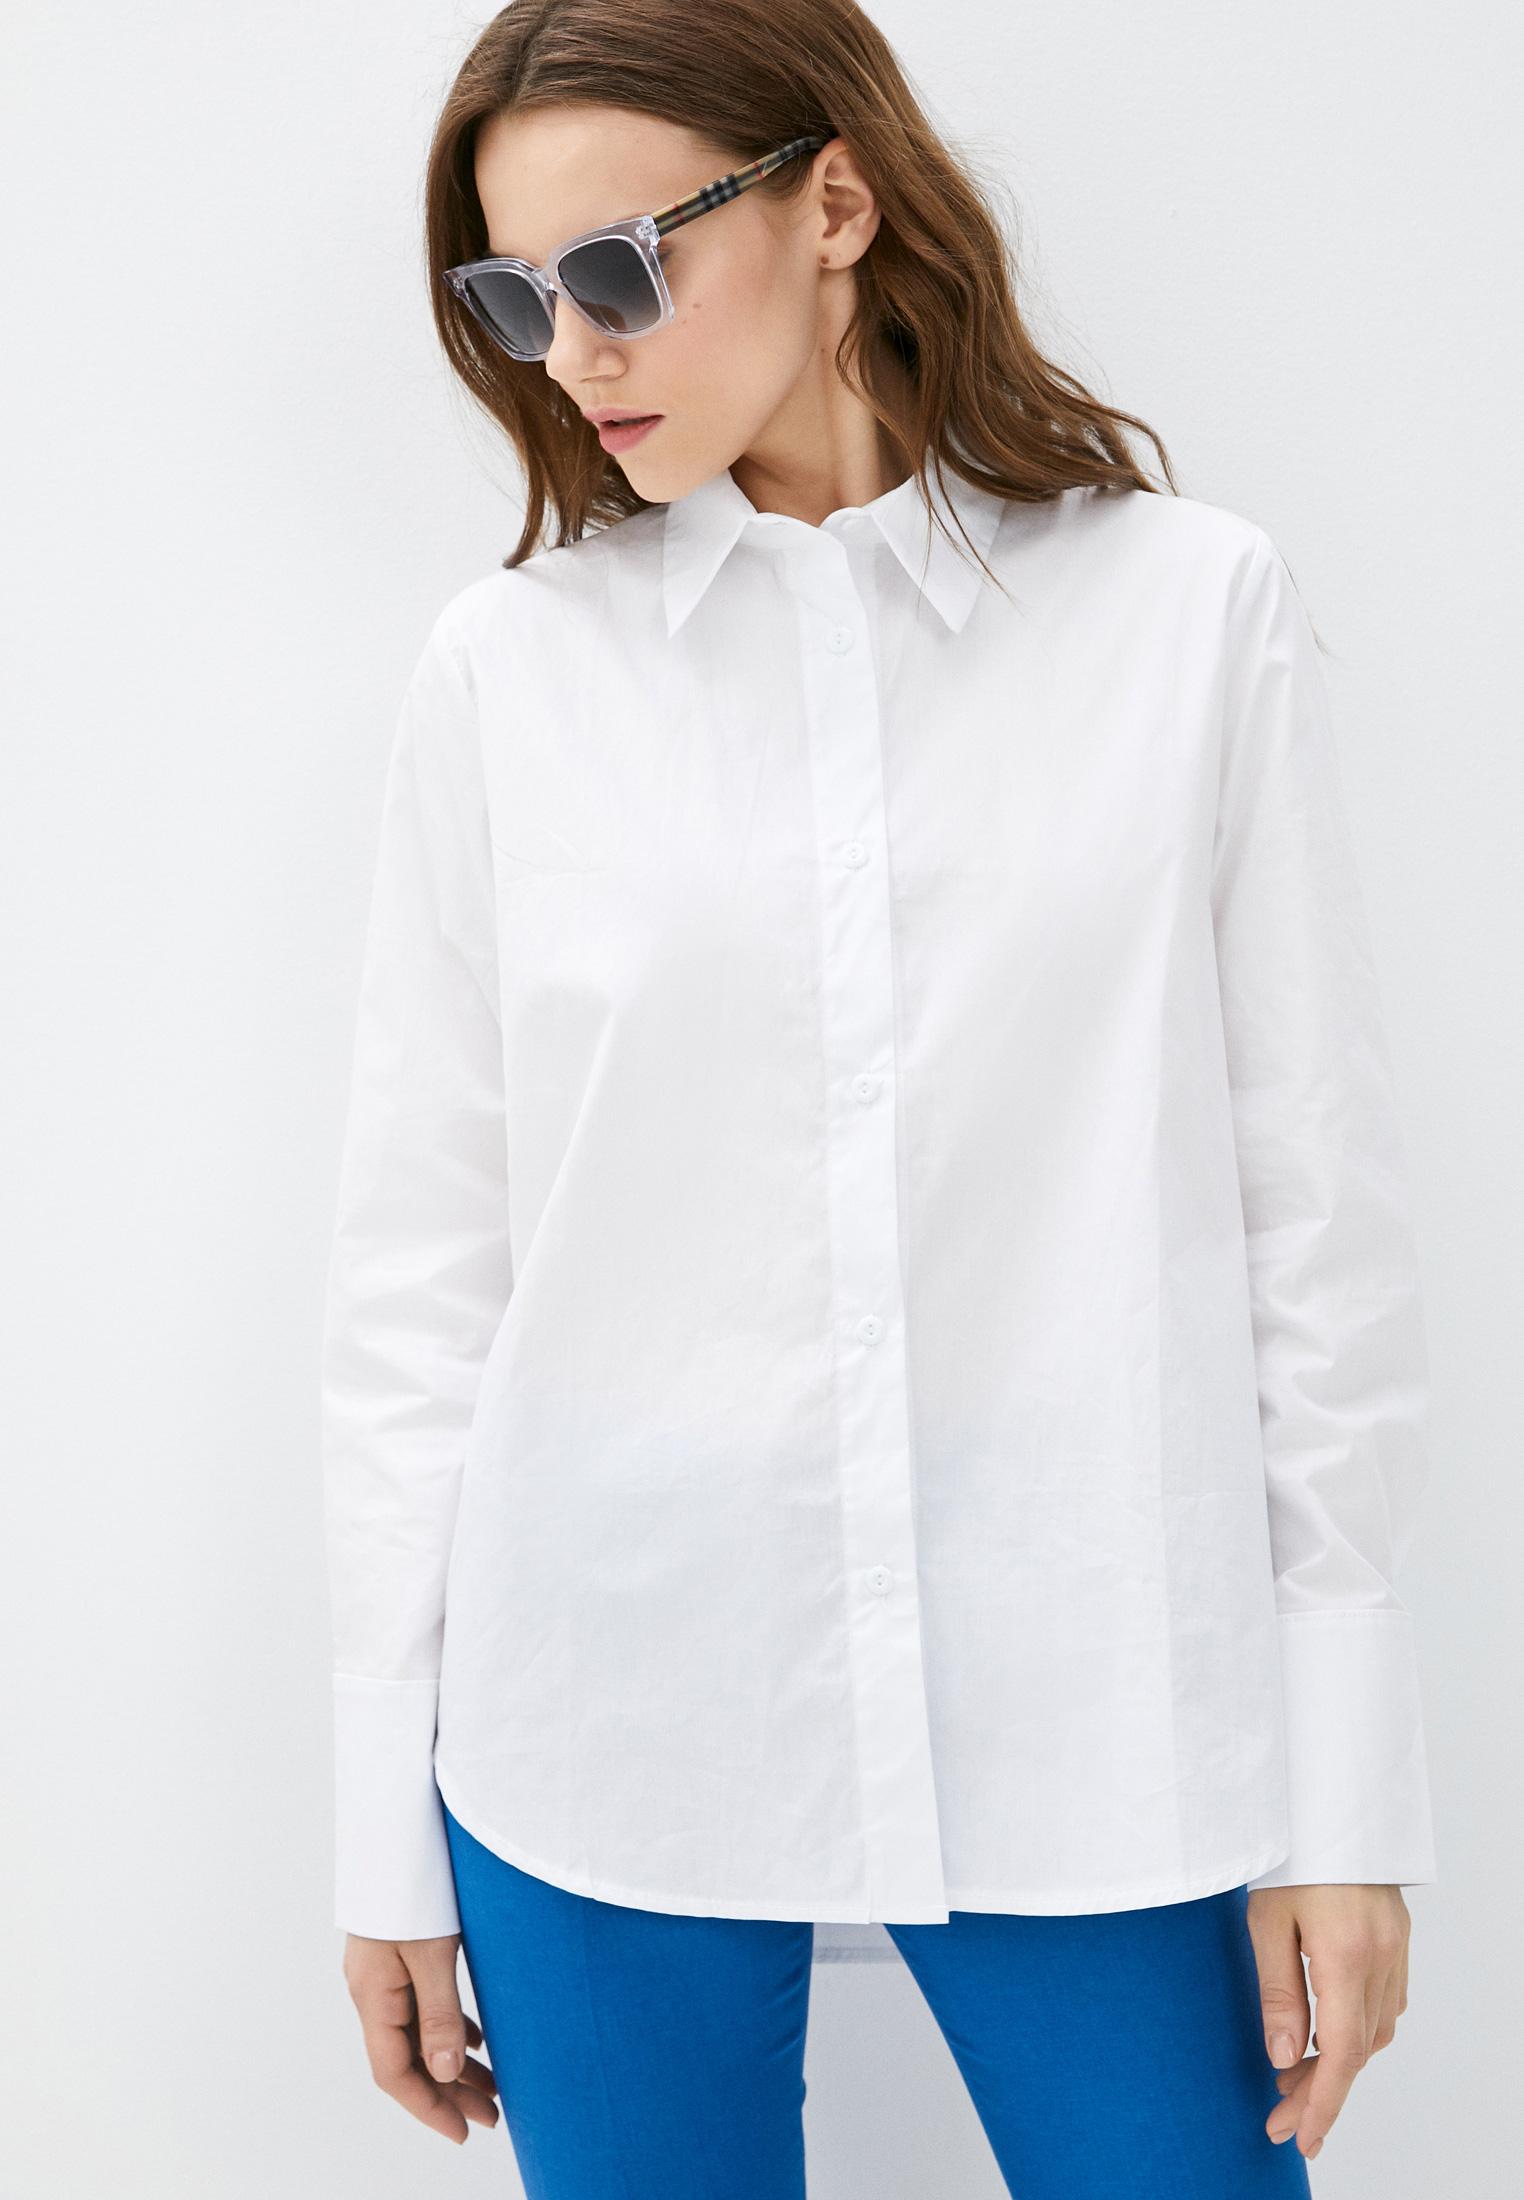 Женские рубашки с длинным рукавом Moki 10579